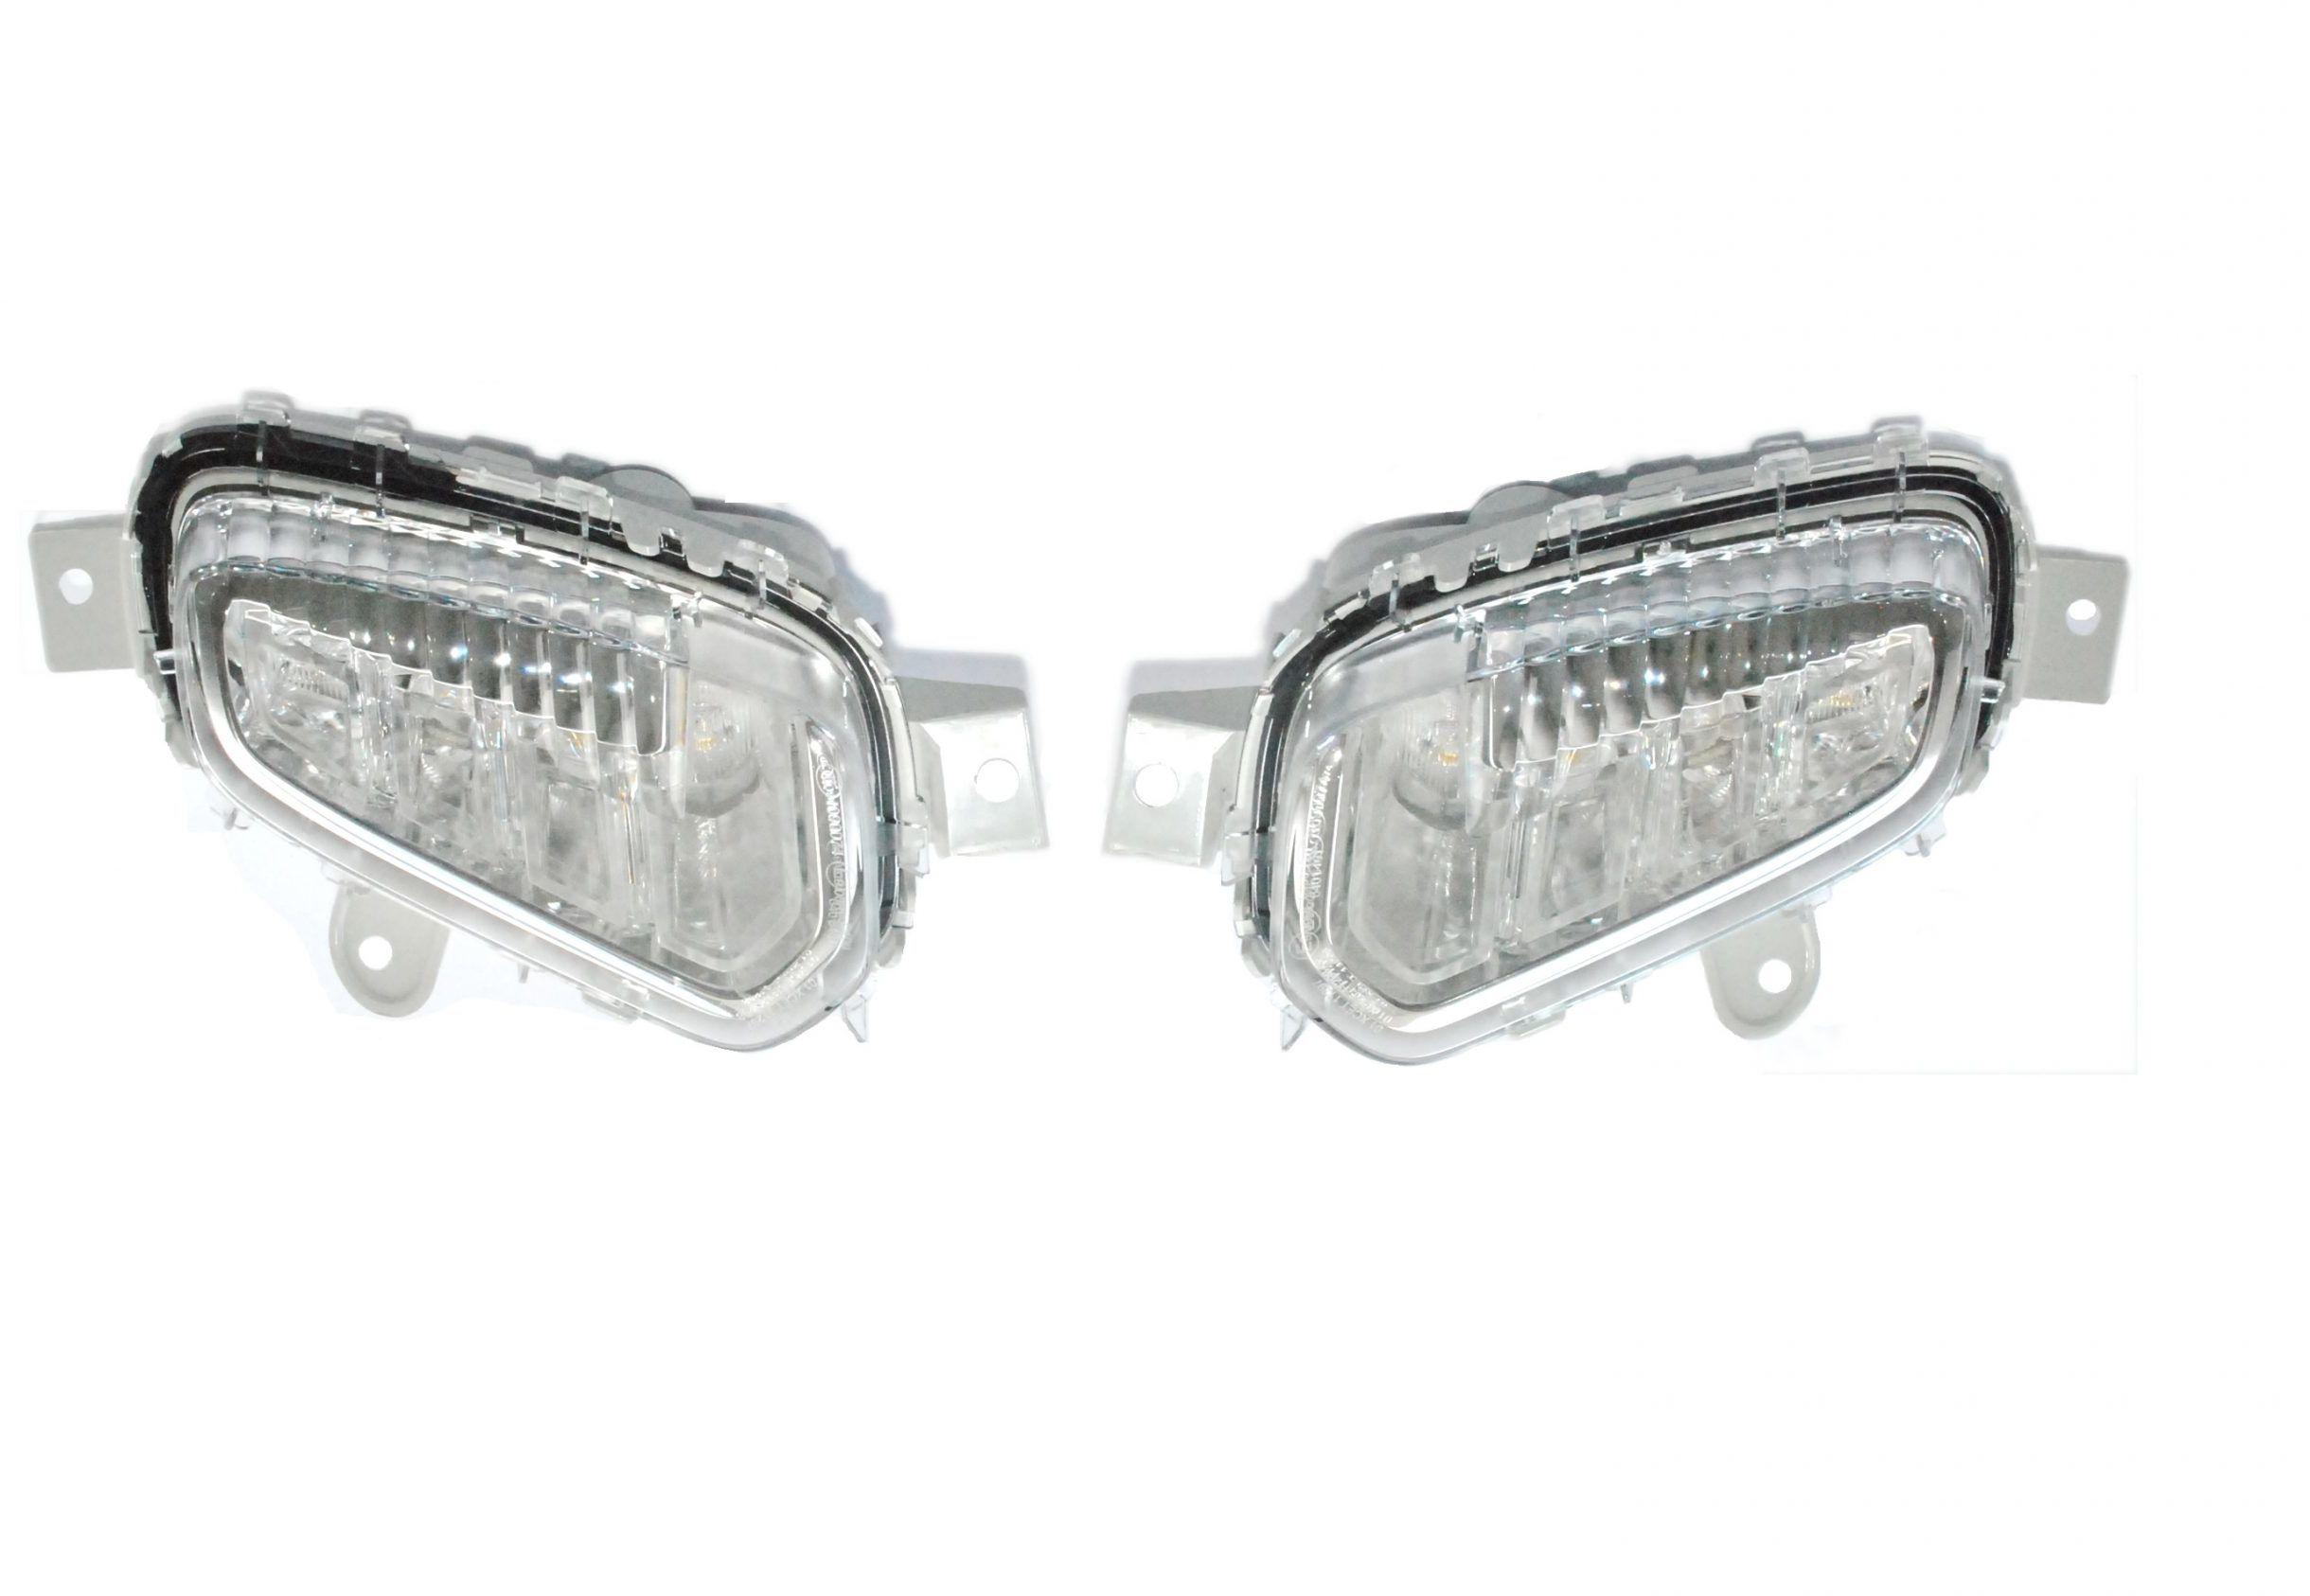 2x Nowe Oryginalne Halogeny Halogen LED Volvo V40 XC40 31323116